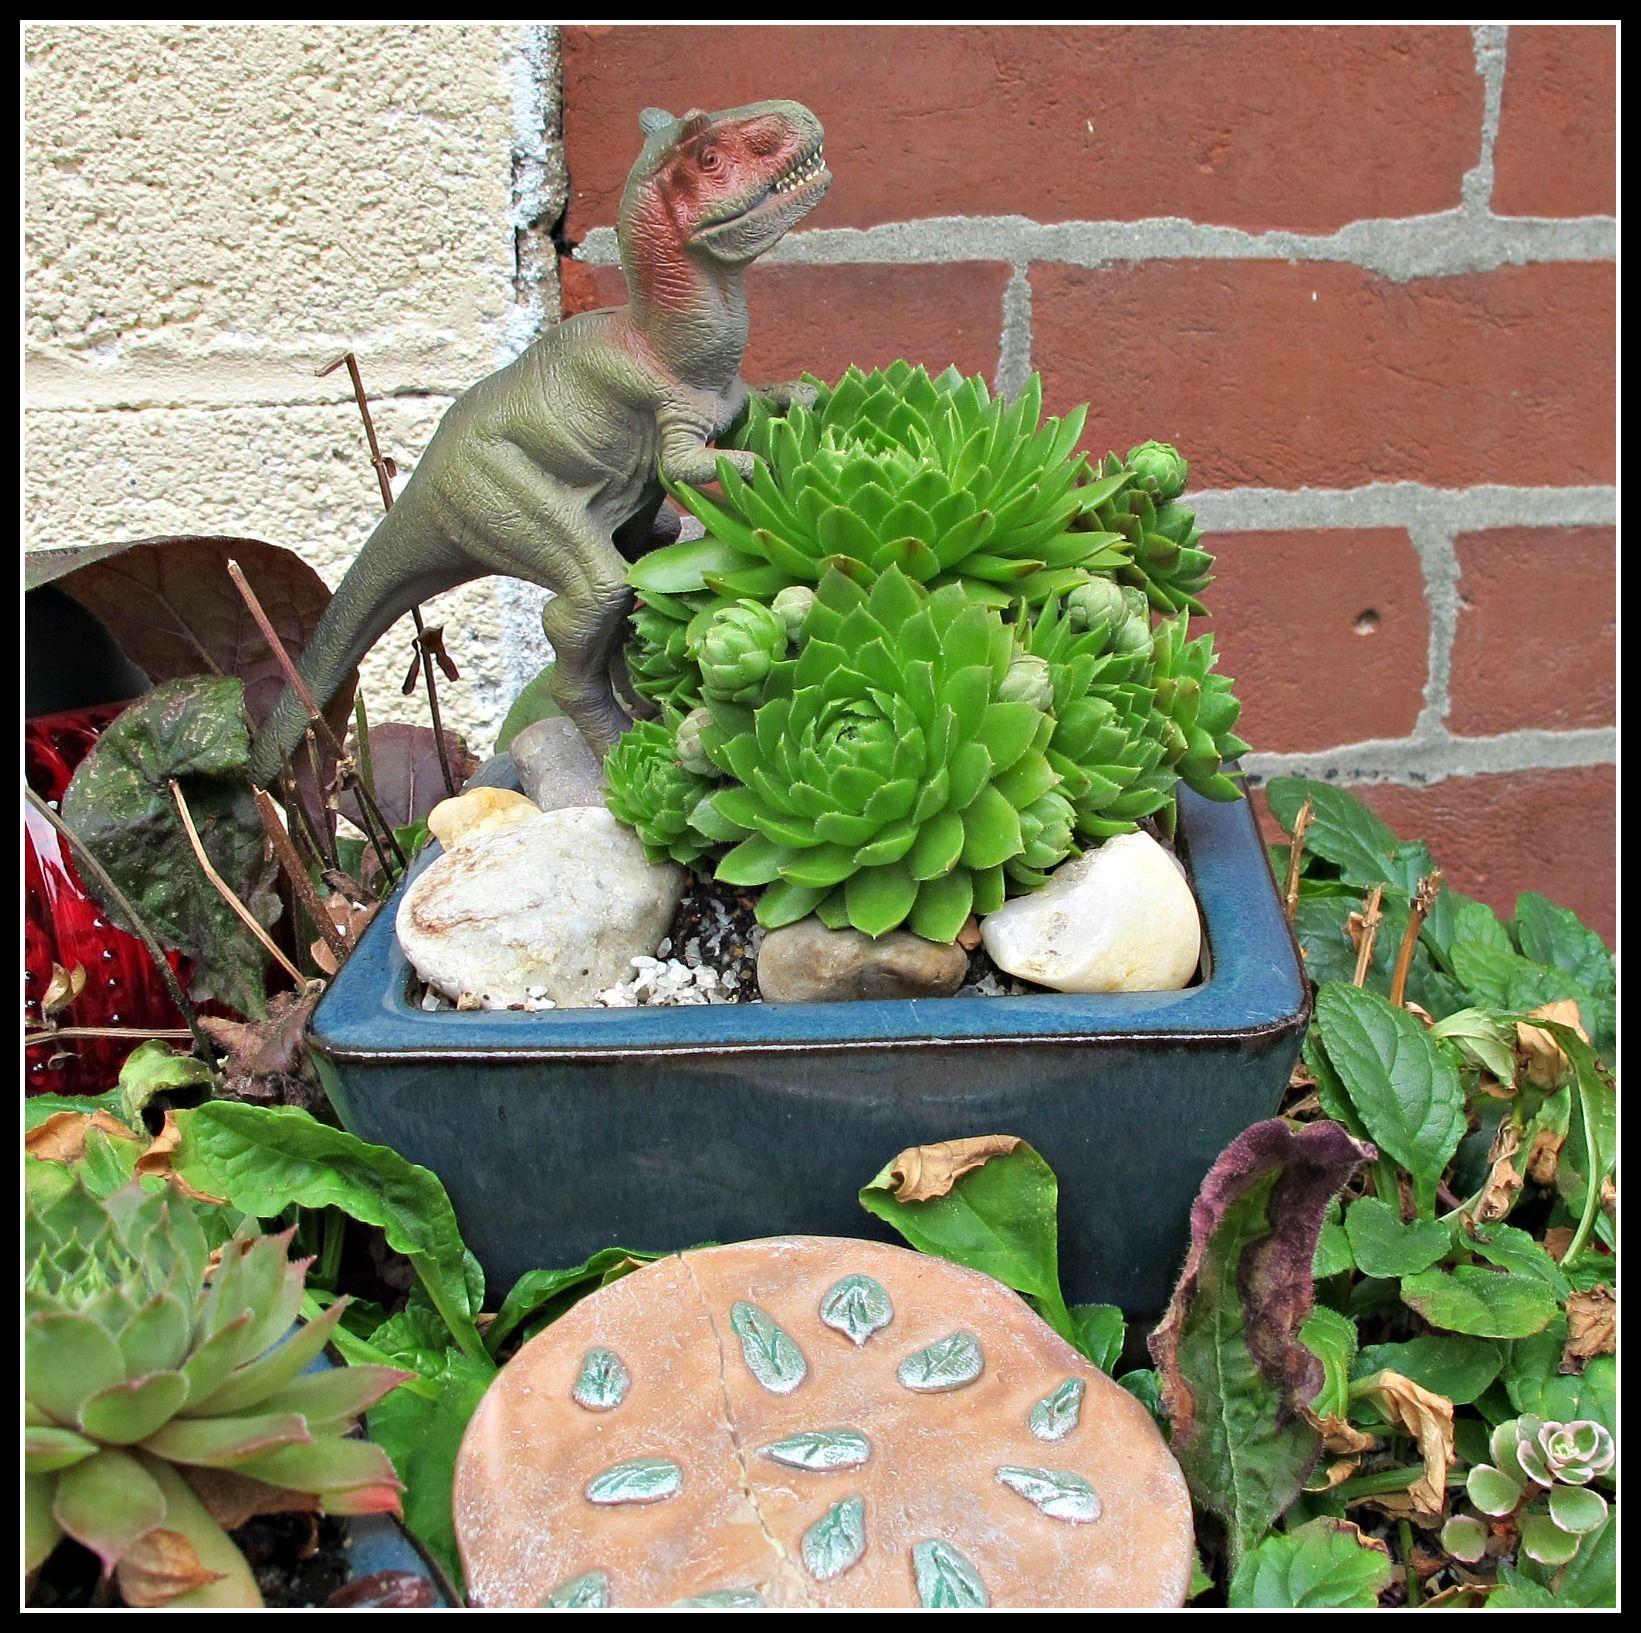 Dinosaur in miniature garden featuring sempervivum succulent. Meancing!